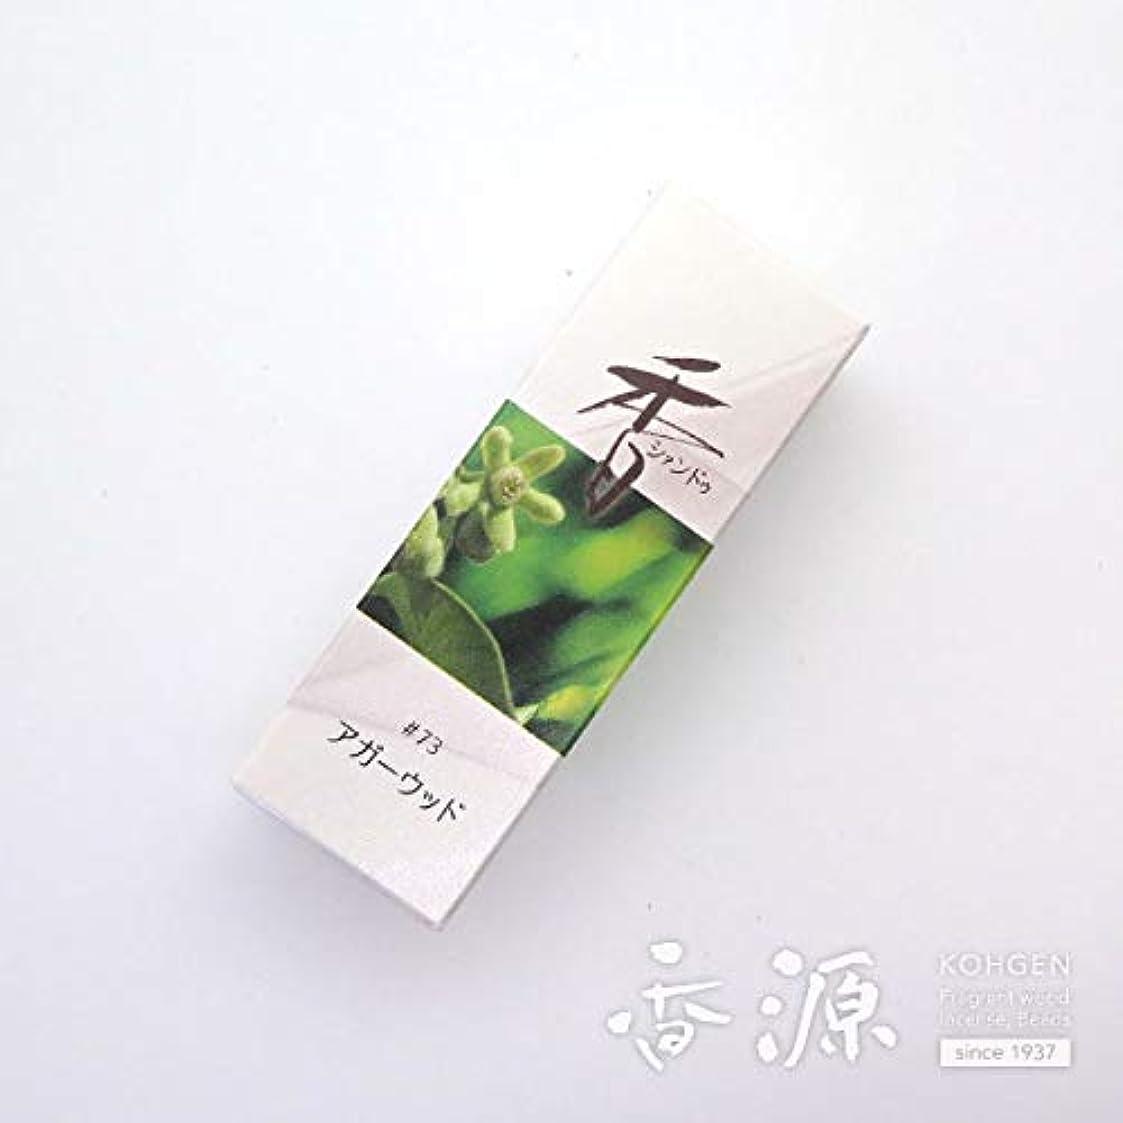 結晶すすり泣きディーラー松栄堂のお香 Xiang Do(シャンドゥ) アガーウッド ST20本入 簡易香立付 #214273